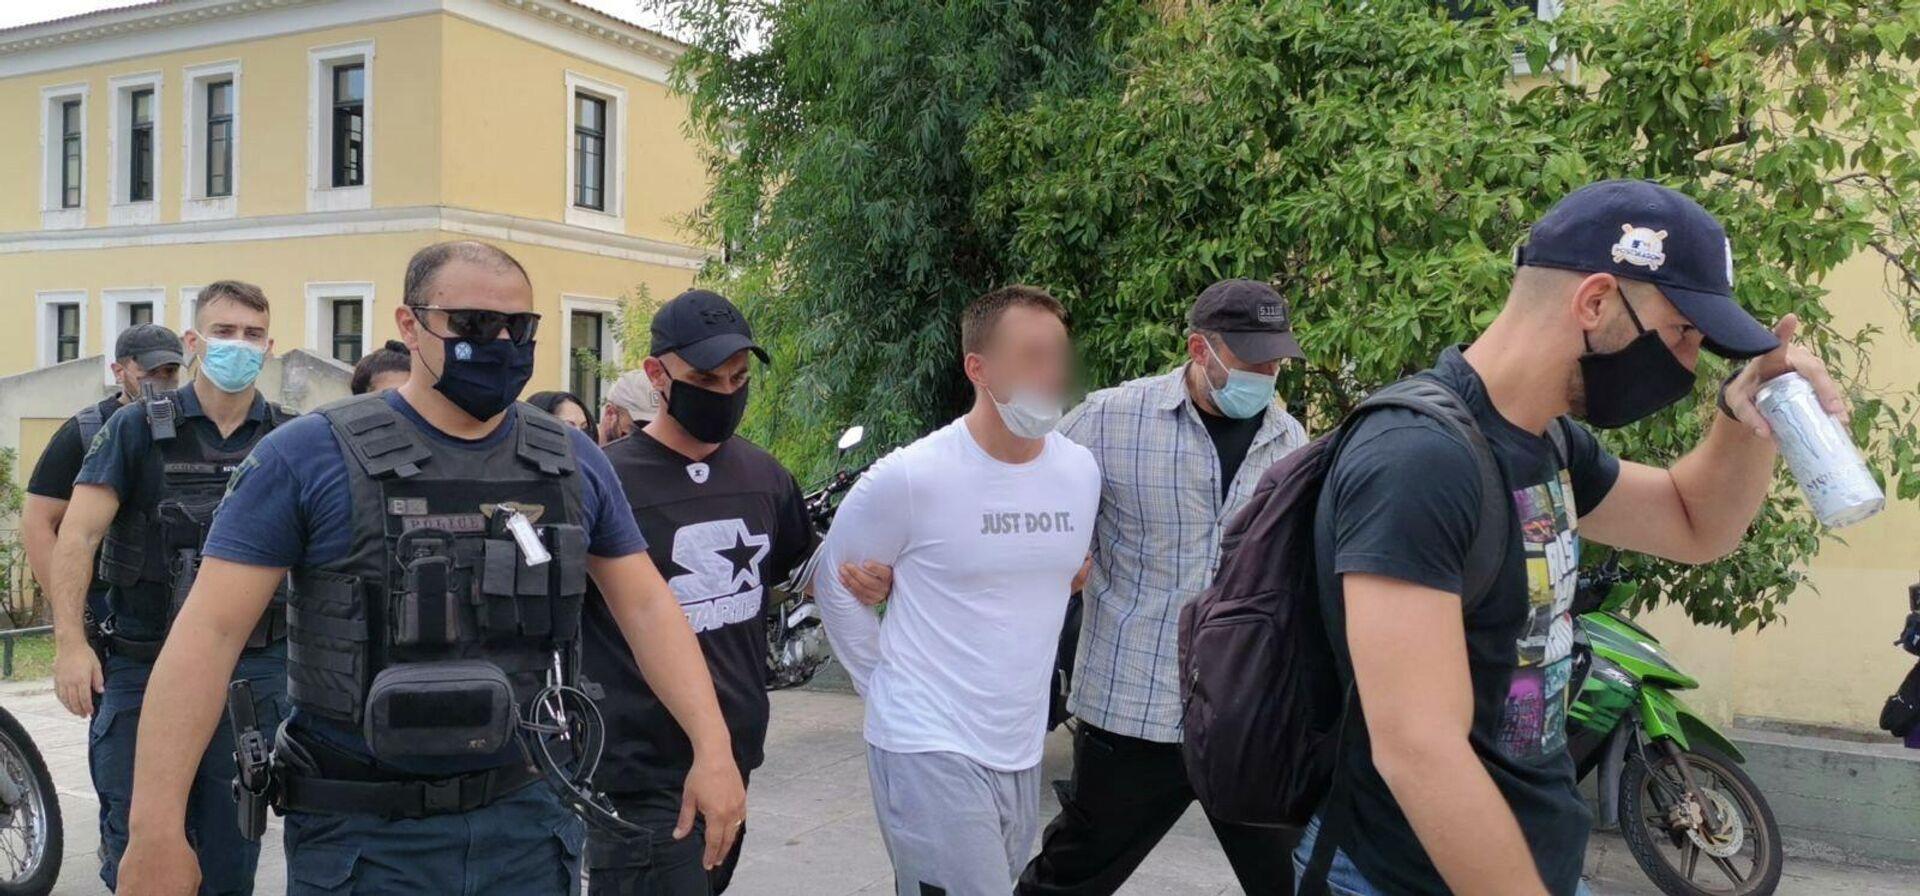 Στον εισαγγελέα ο 33χρονος για τη ληστεία σε τράπεζα στη Μητροπόλεως - Sputnik Ελλάδα, 1920, 28.09.2021